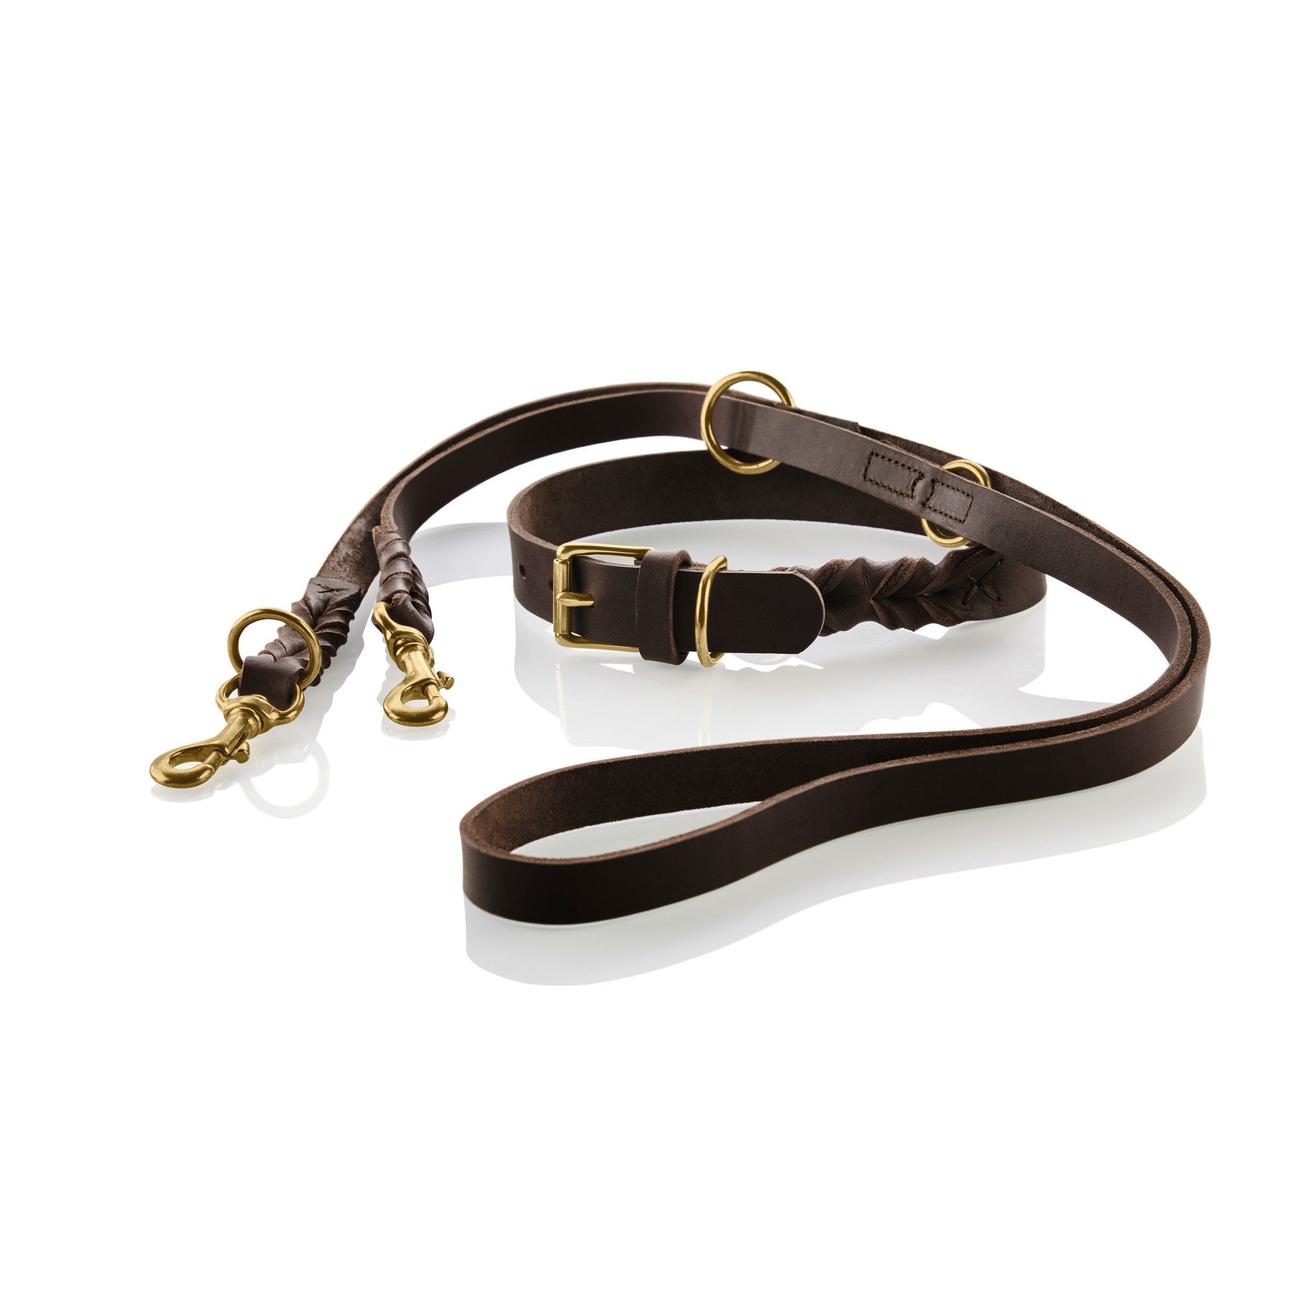 Hunter Hundeleine Leder Sansibar Solid 66863, Bild 7